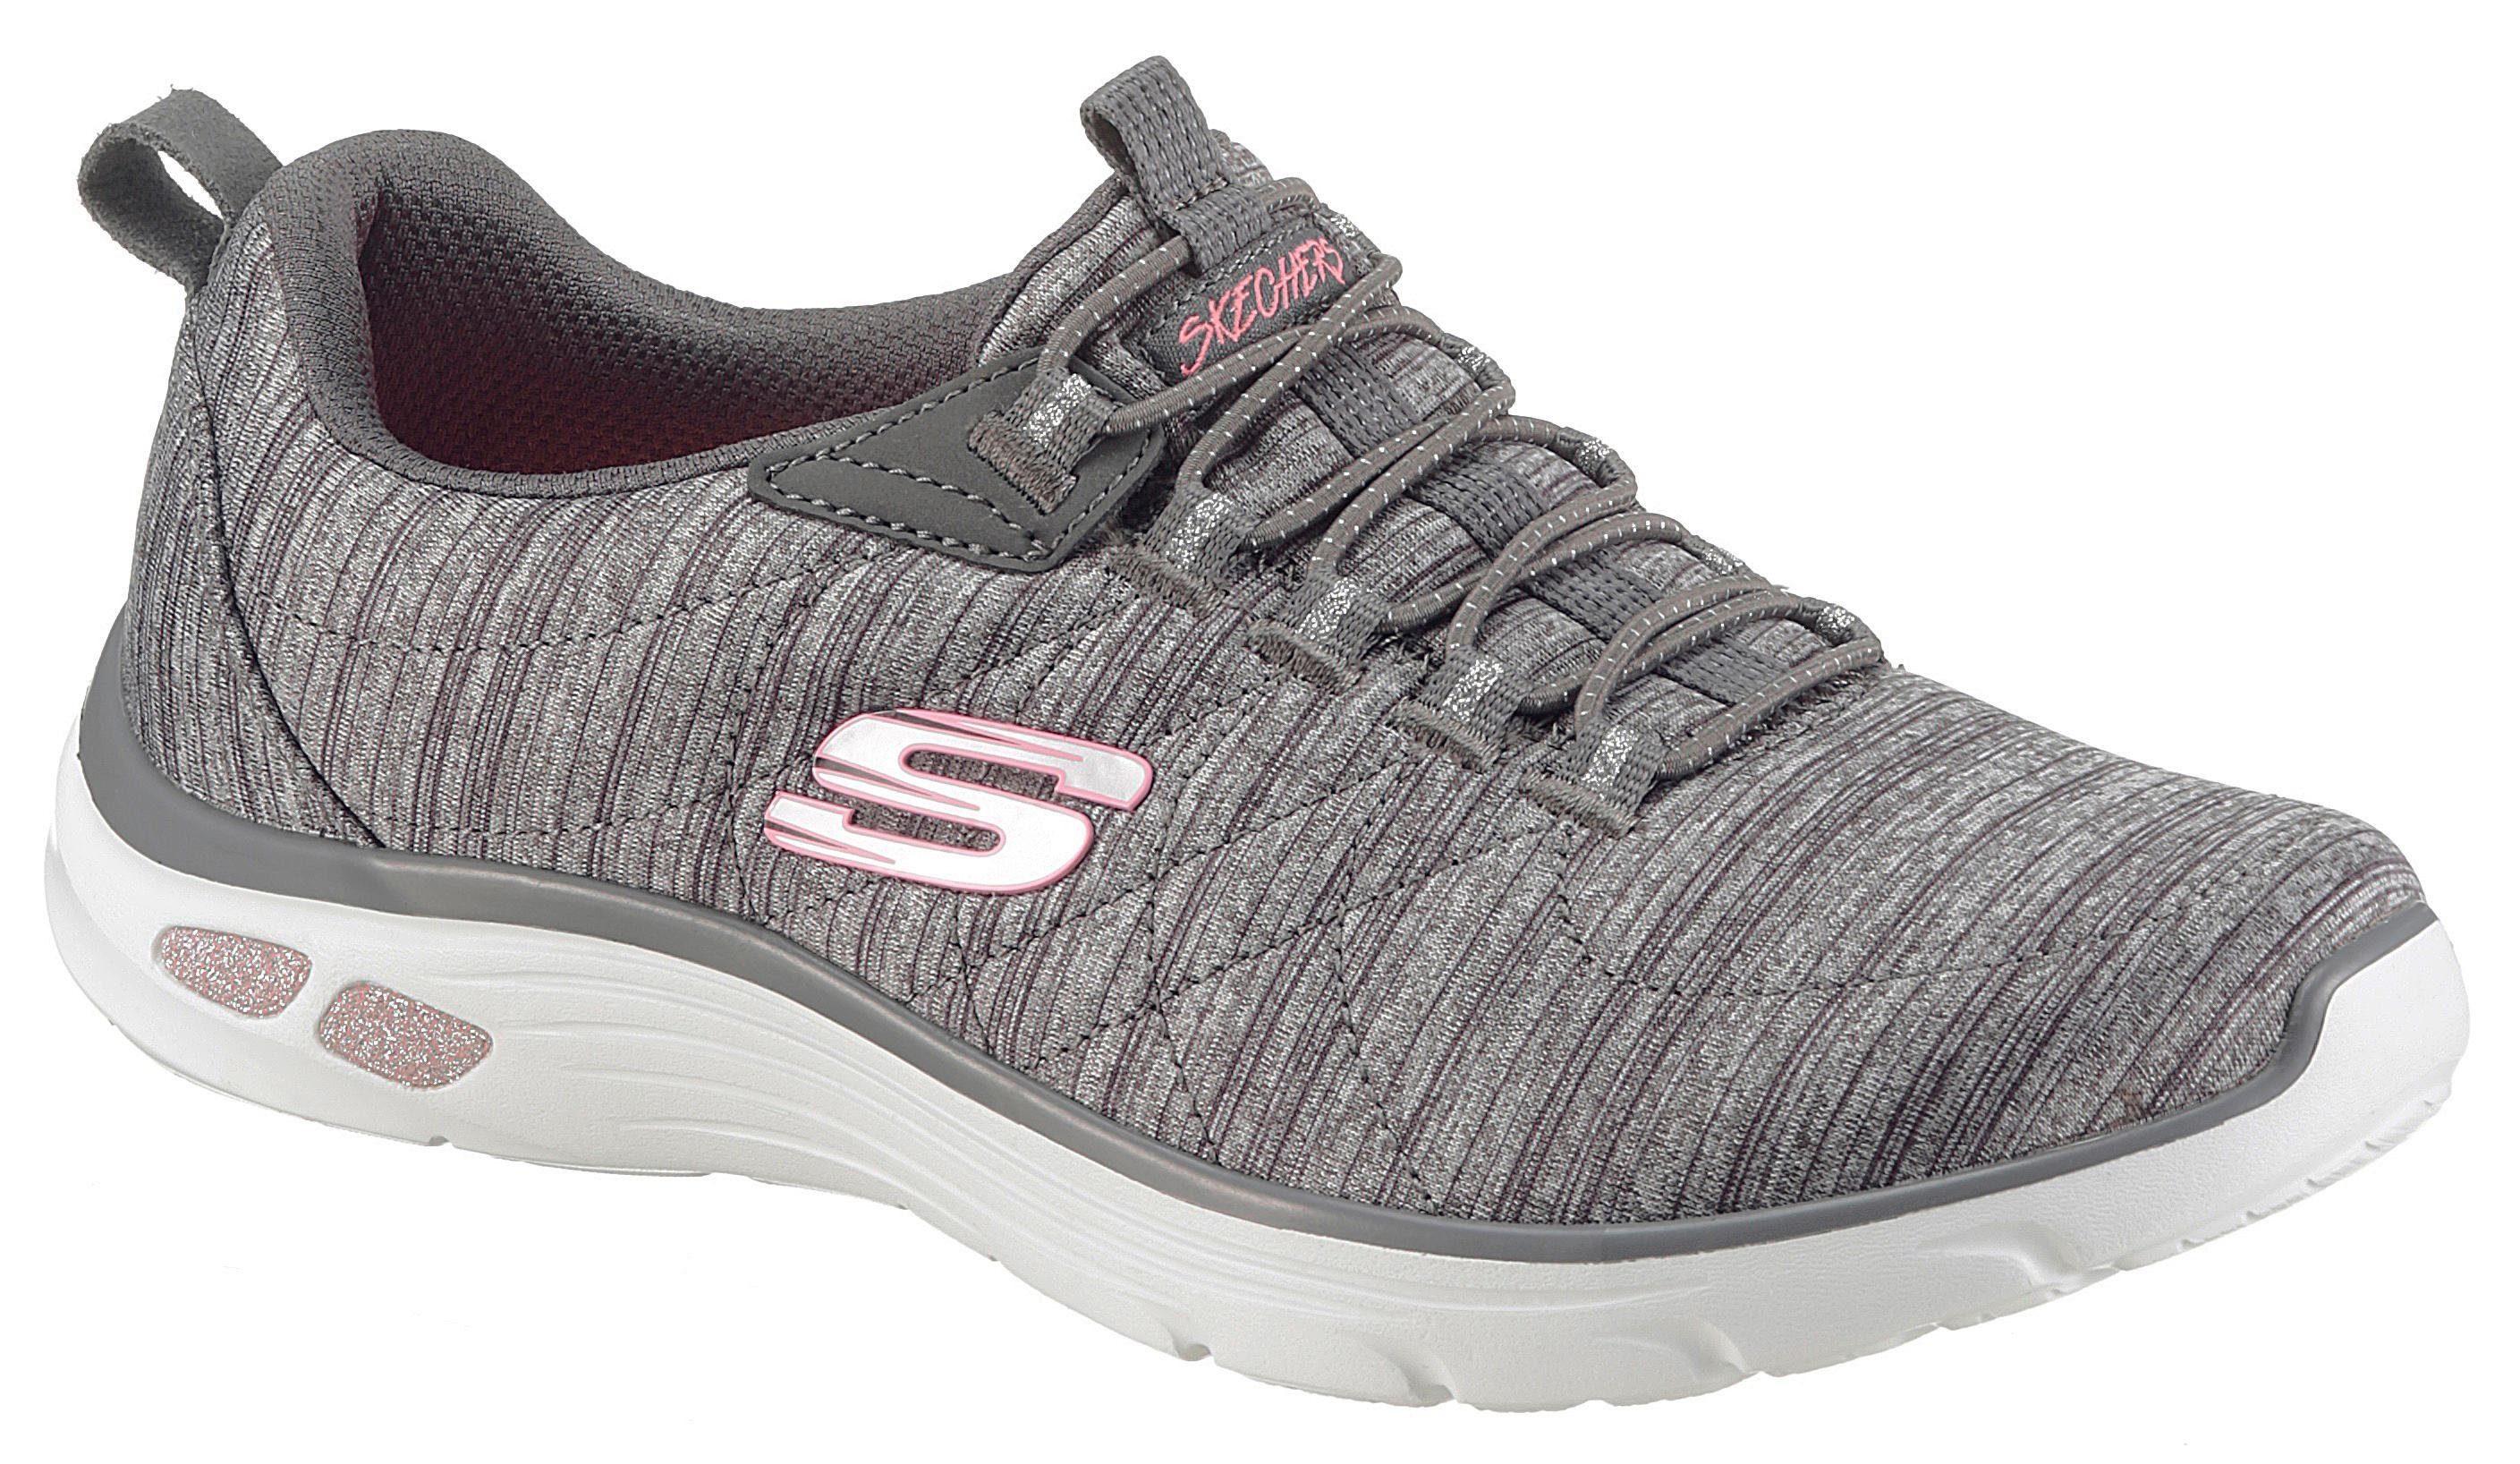 Skechers »Empire D´Lux« Slip On Sneaker mit Relaxed Fit Ausstattung online kaufen | OTTO